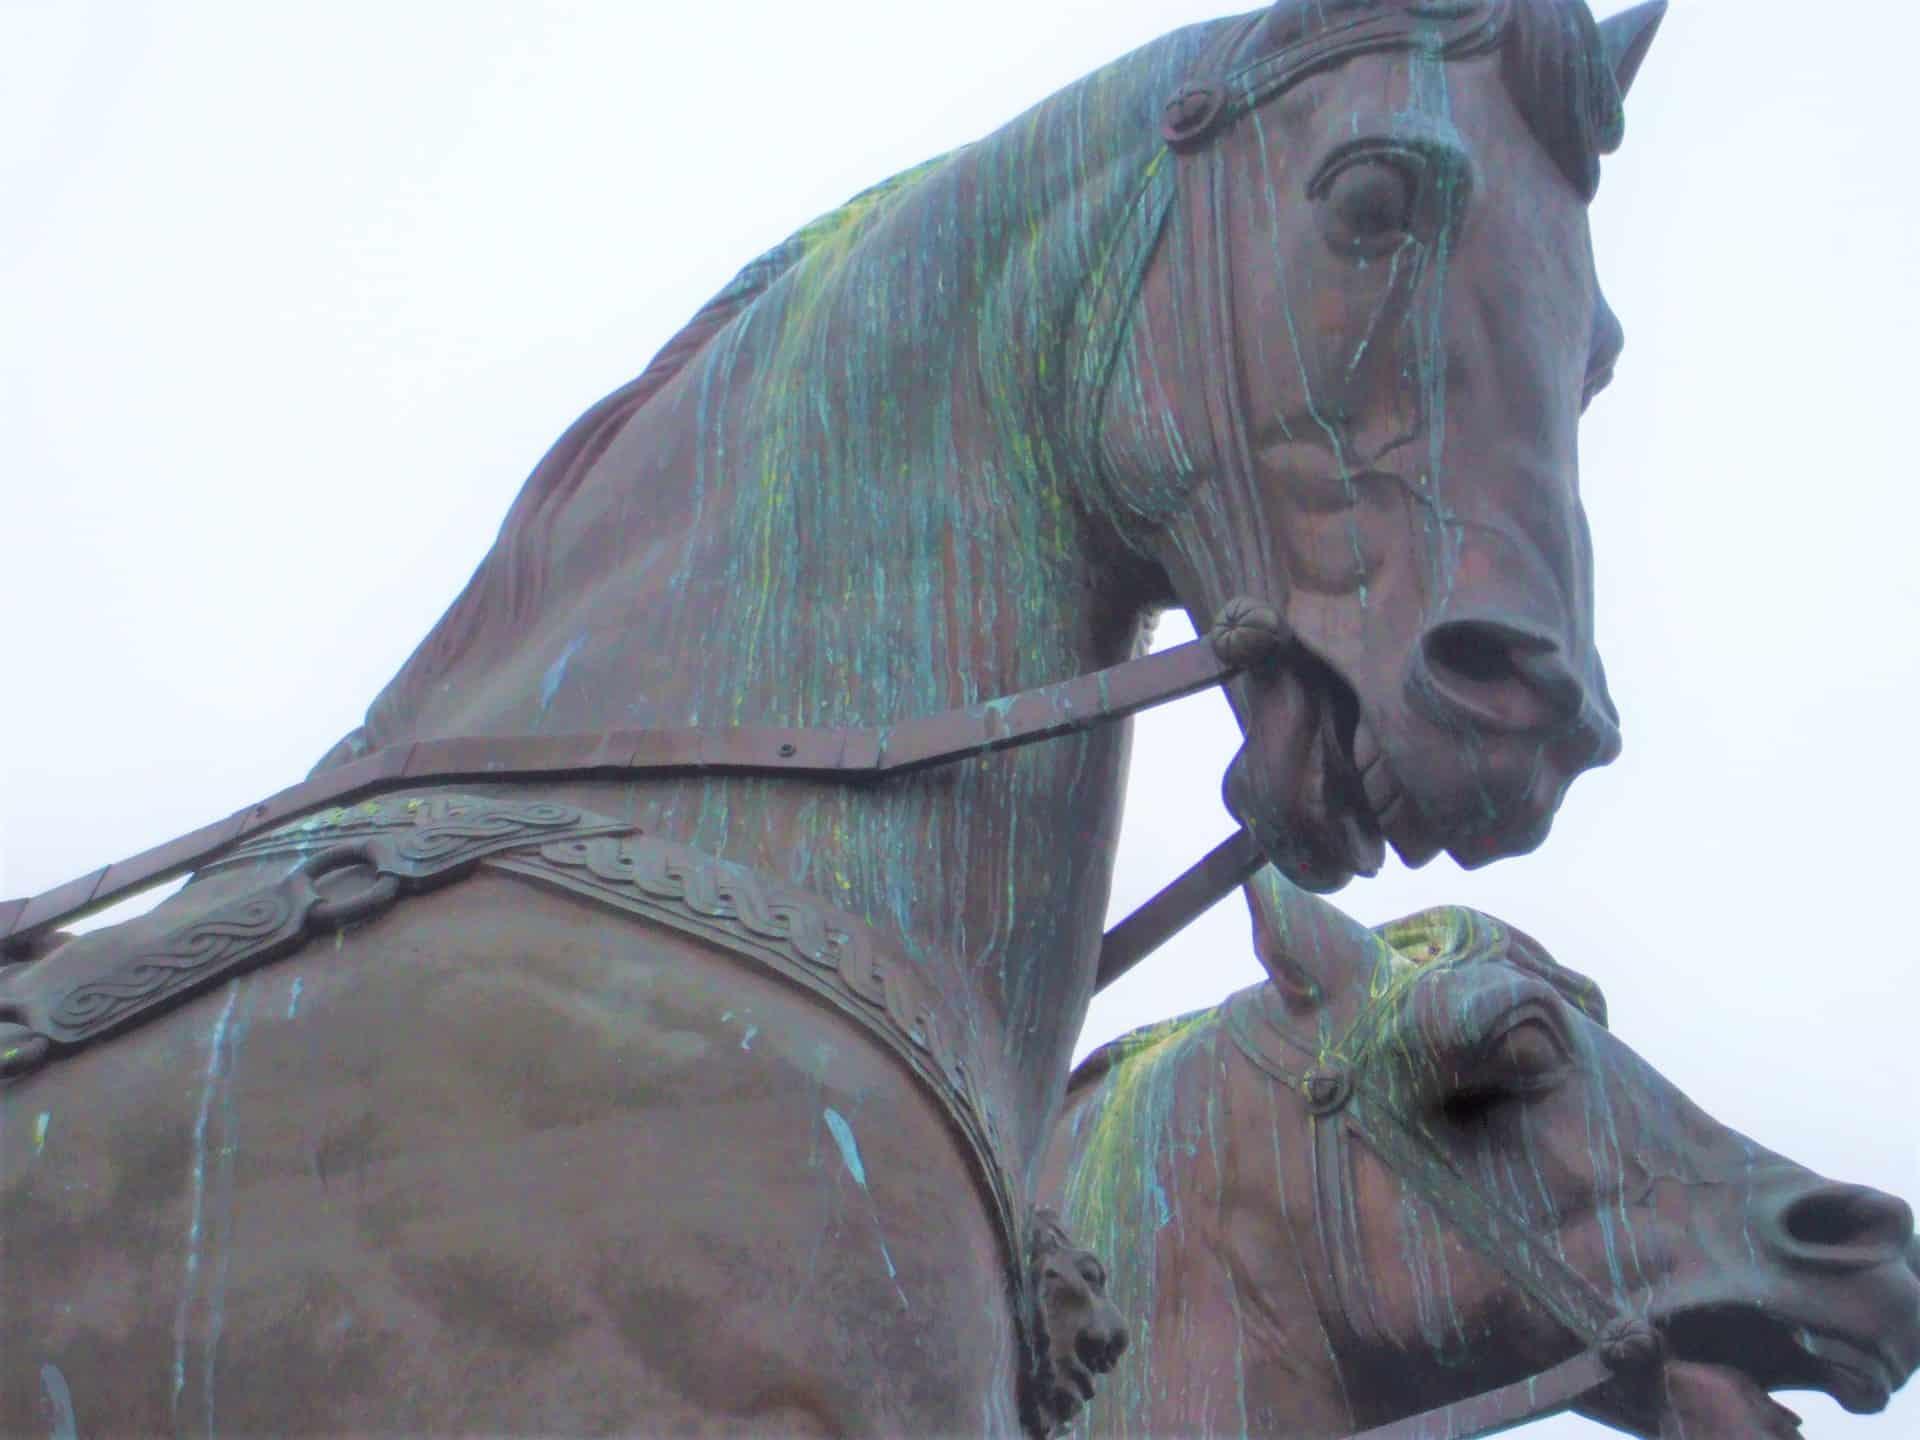 Die Spuren der Verunreinigung sind an den Pferdeköpfen der Quadriga deutlich zu erkennen. Foto: Wedemeyer